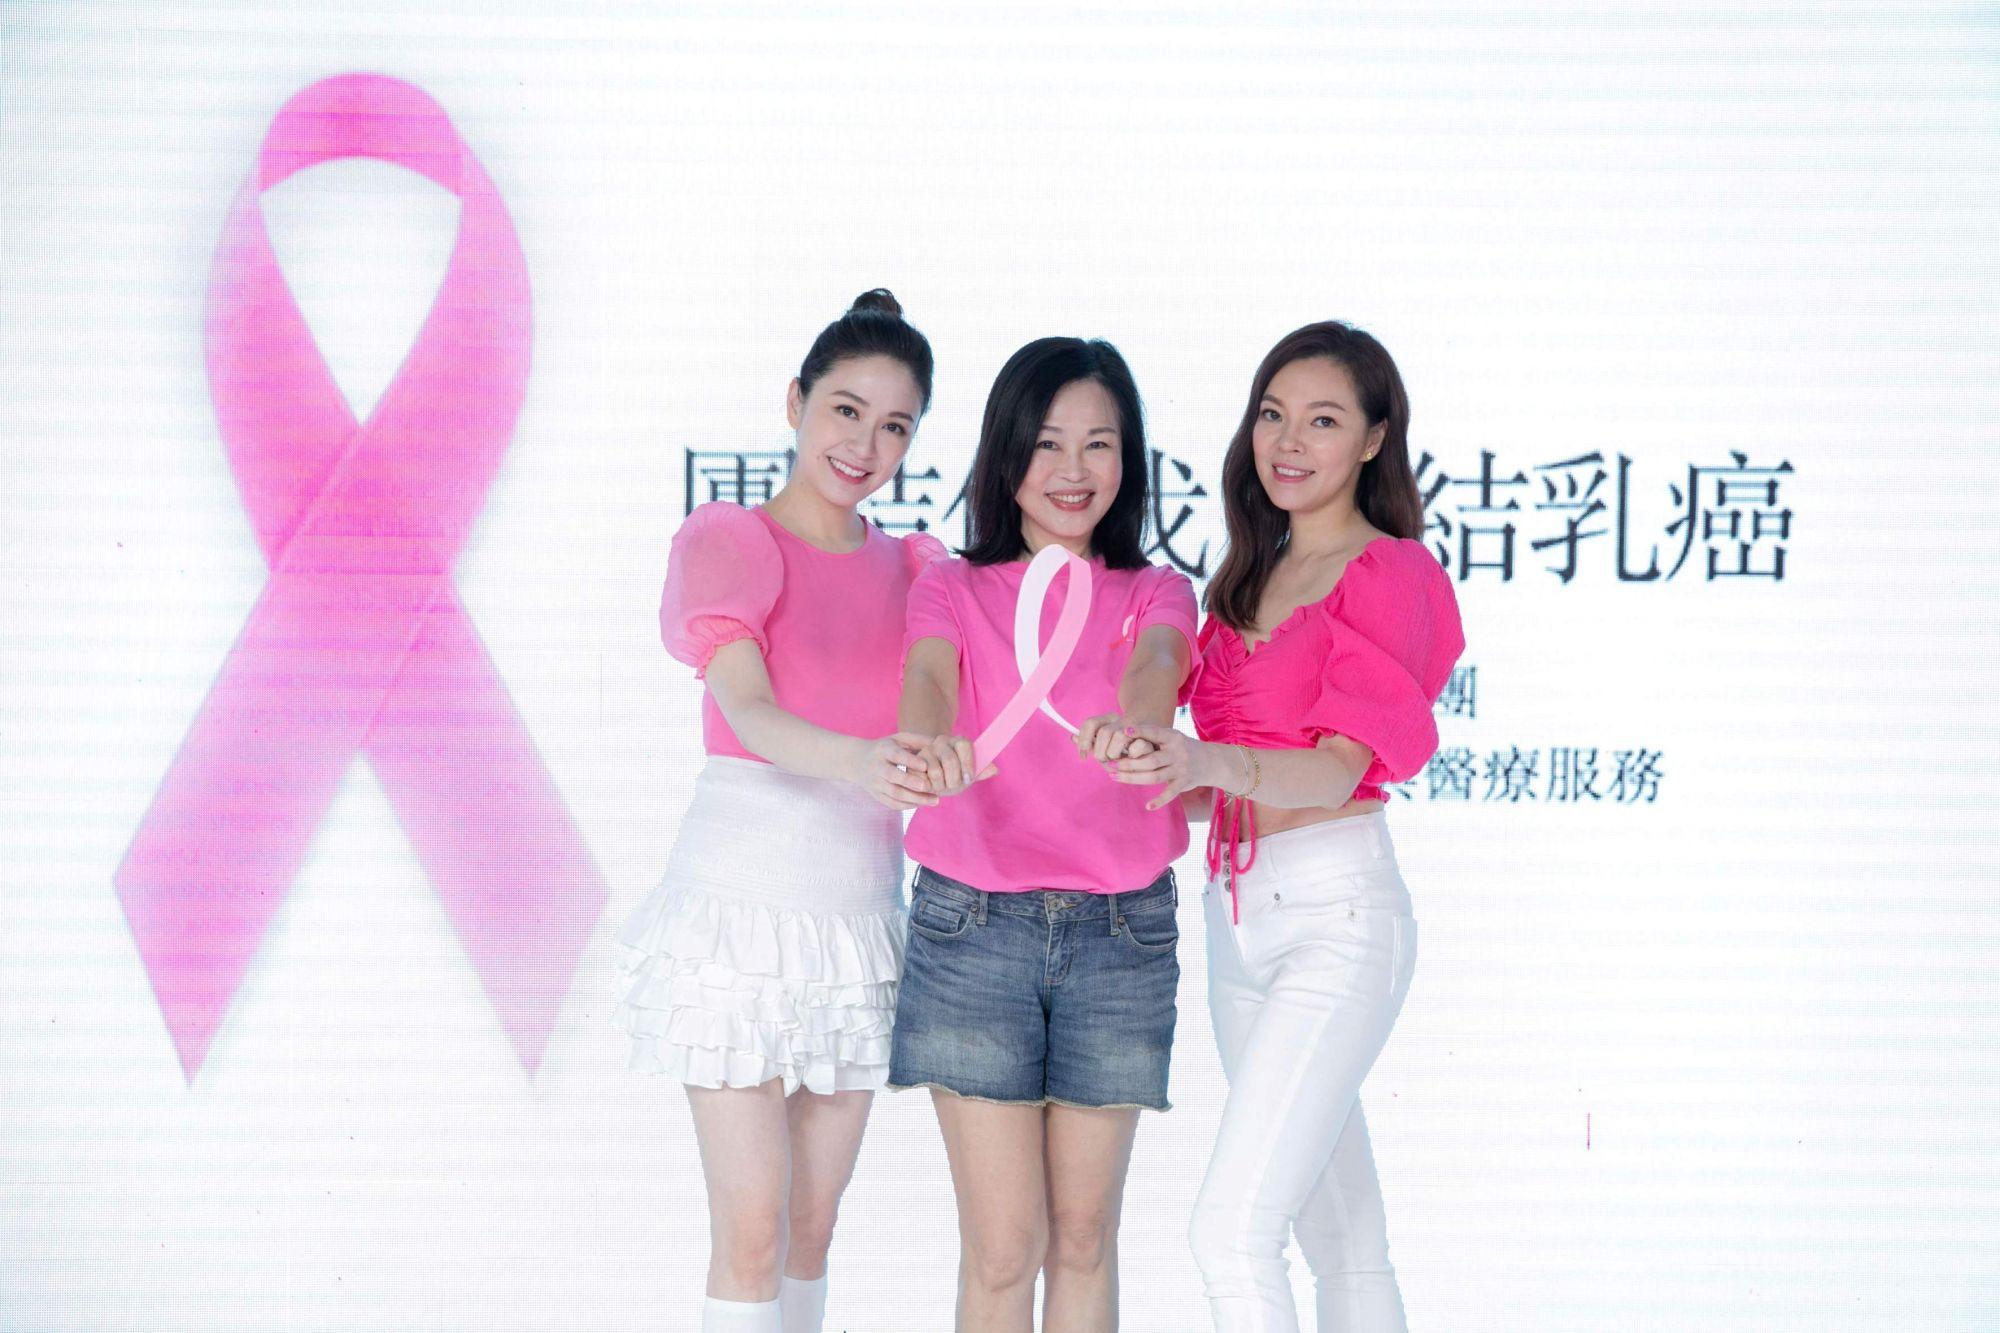 人美心也美!曾馨瑩、蔡依珊為公益公開獻舞:「希望讓更多人重視乳癌防治的重要,愛自己也關心所愛的人。」